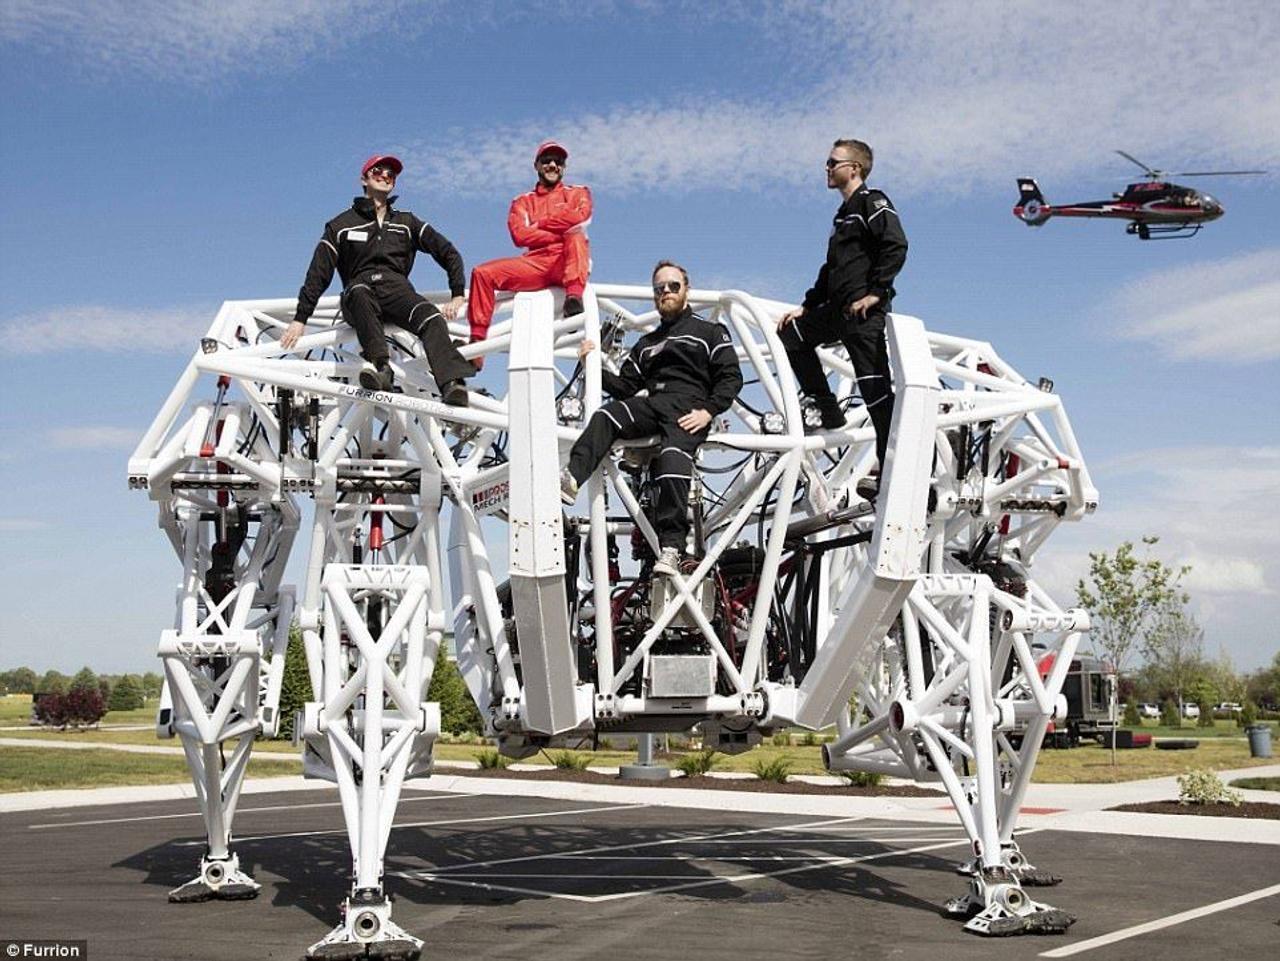 Костюм - экзоскелет Prosthesis, управляемый пилотом, готов к гонкам на выживание